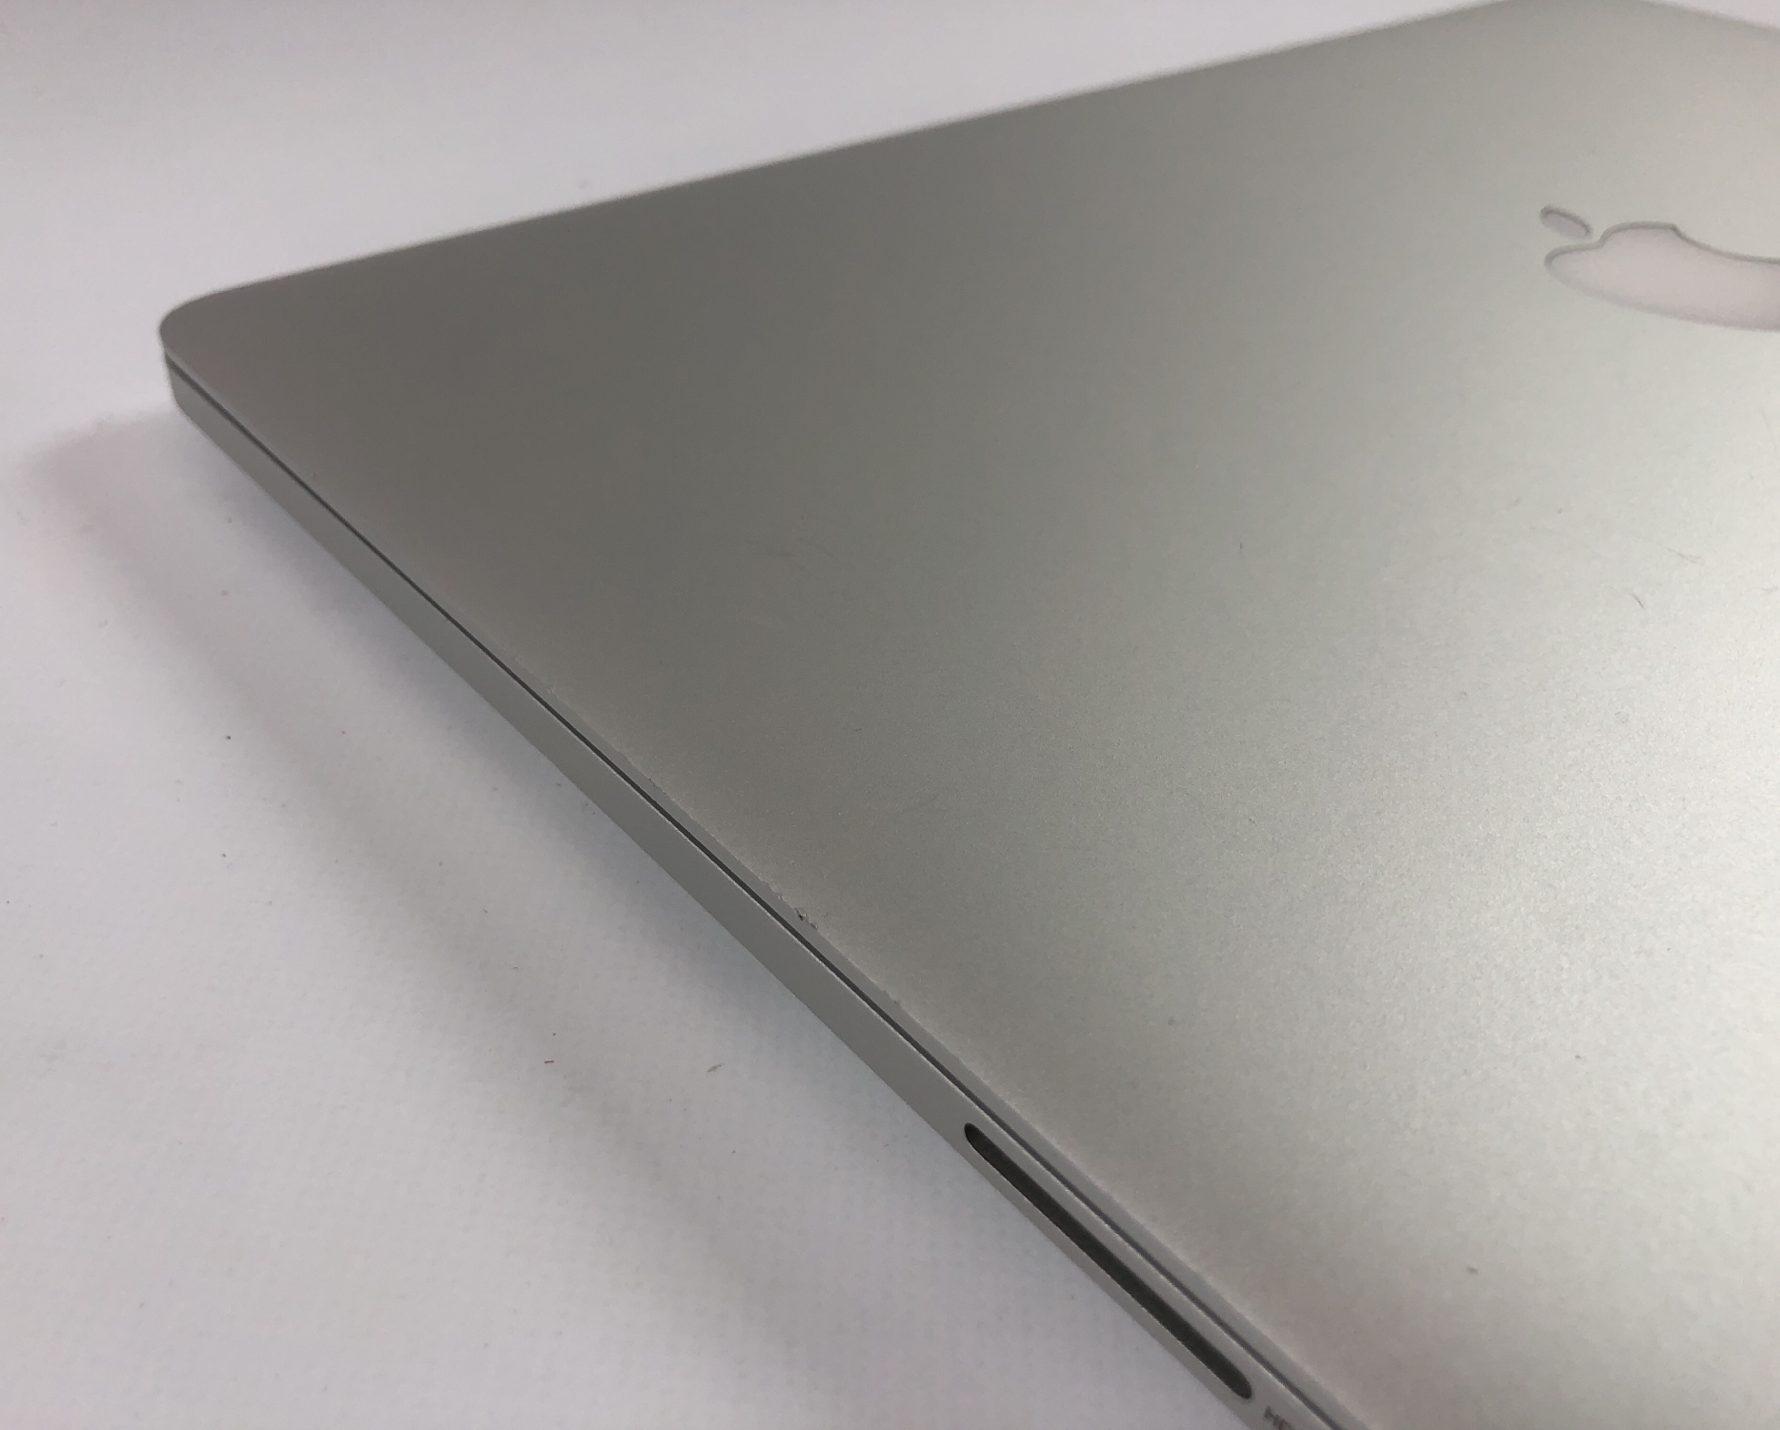 """MacBook Pro Retina 15"""" Mid 2015 (Intel Quad-Core i7 2.8 GHz 16 GB RAM 1 TB SSD), Intel Quad-Core i7 2.8 GHz, 16 GB RAM, 1 TB SSD, Kuva 4"""